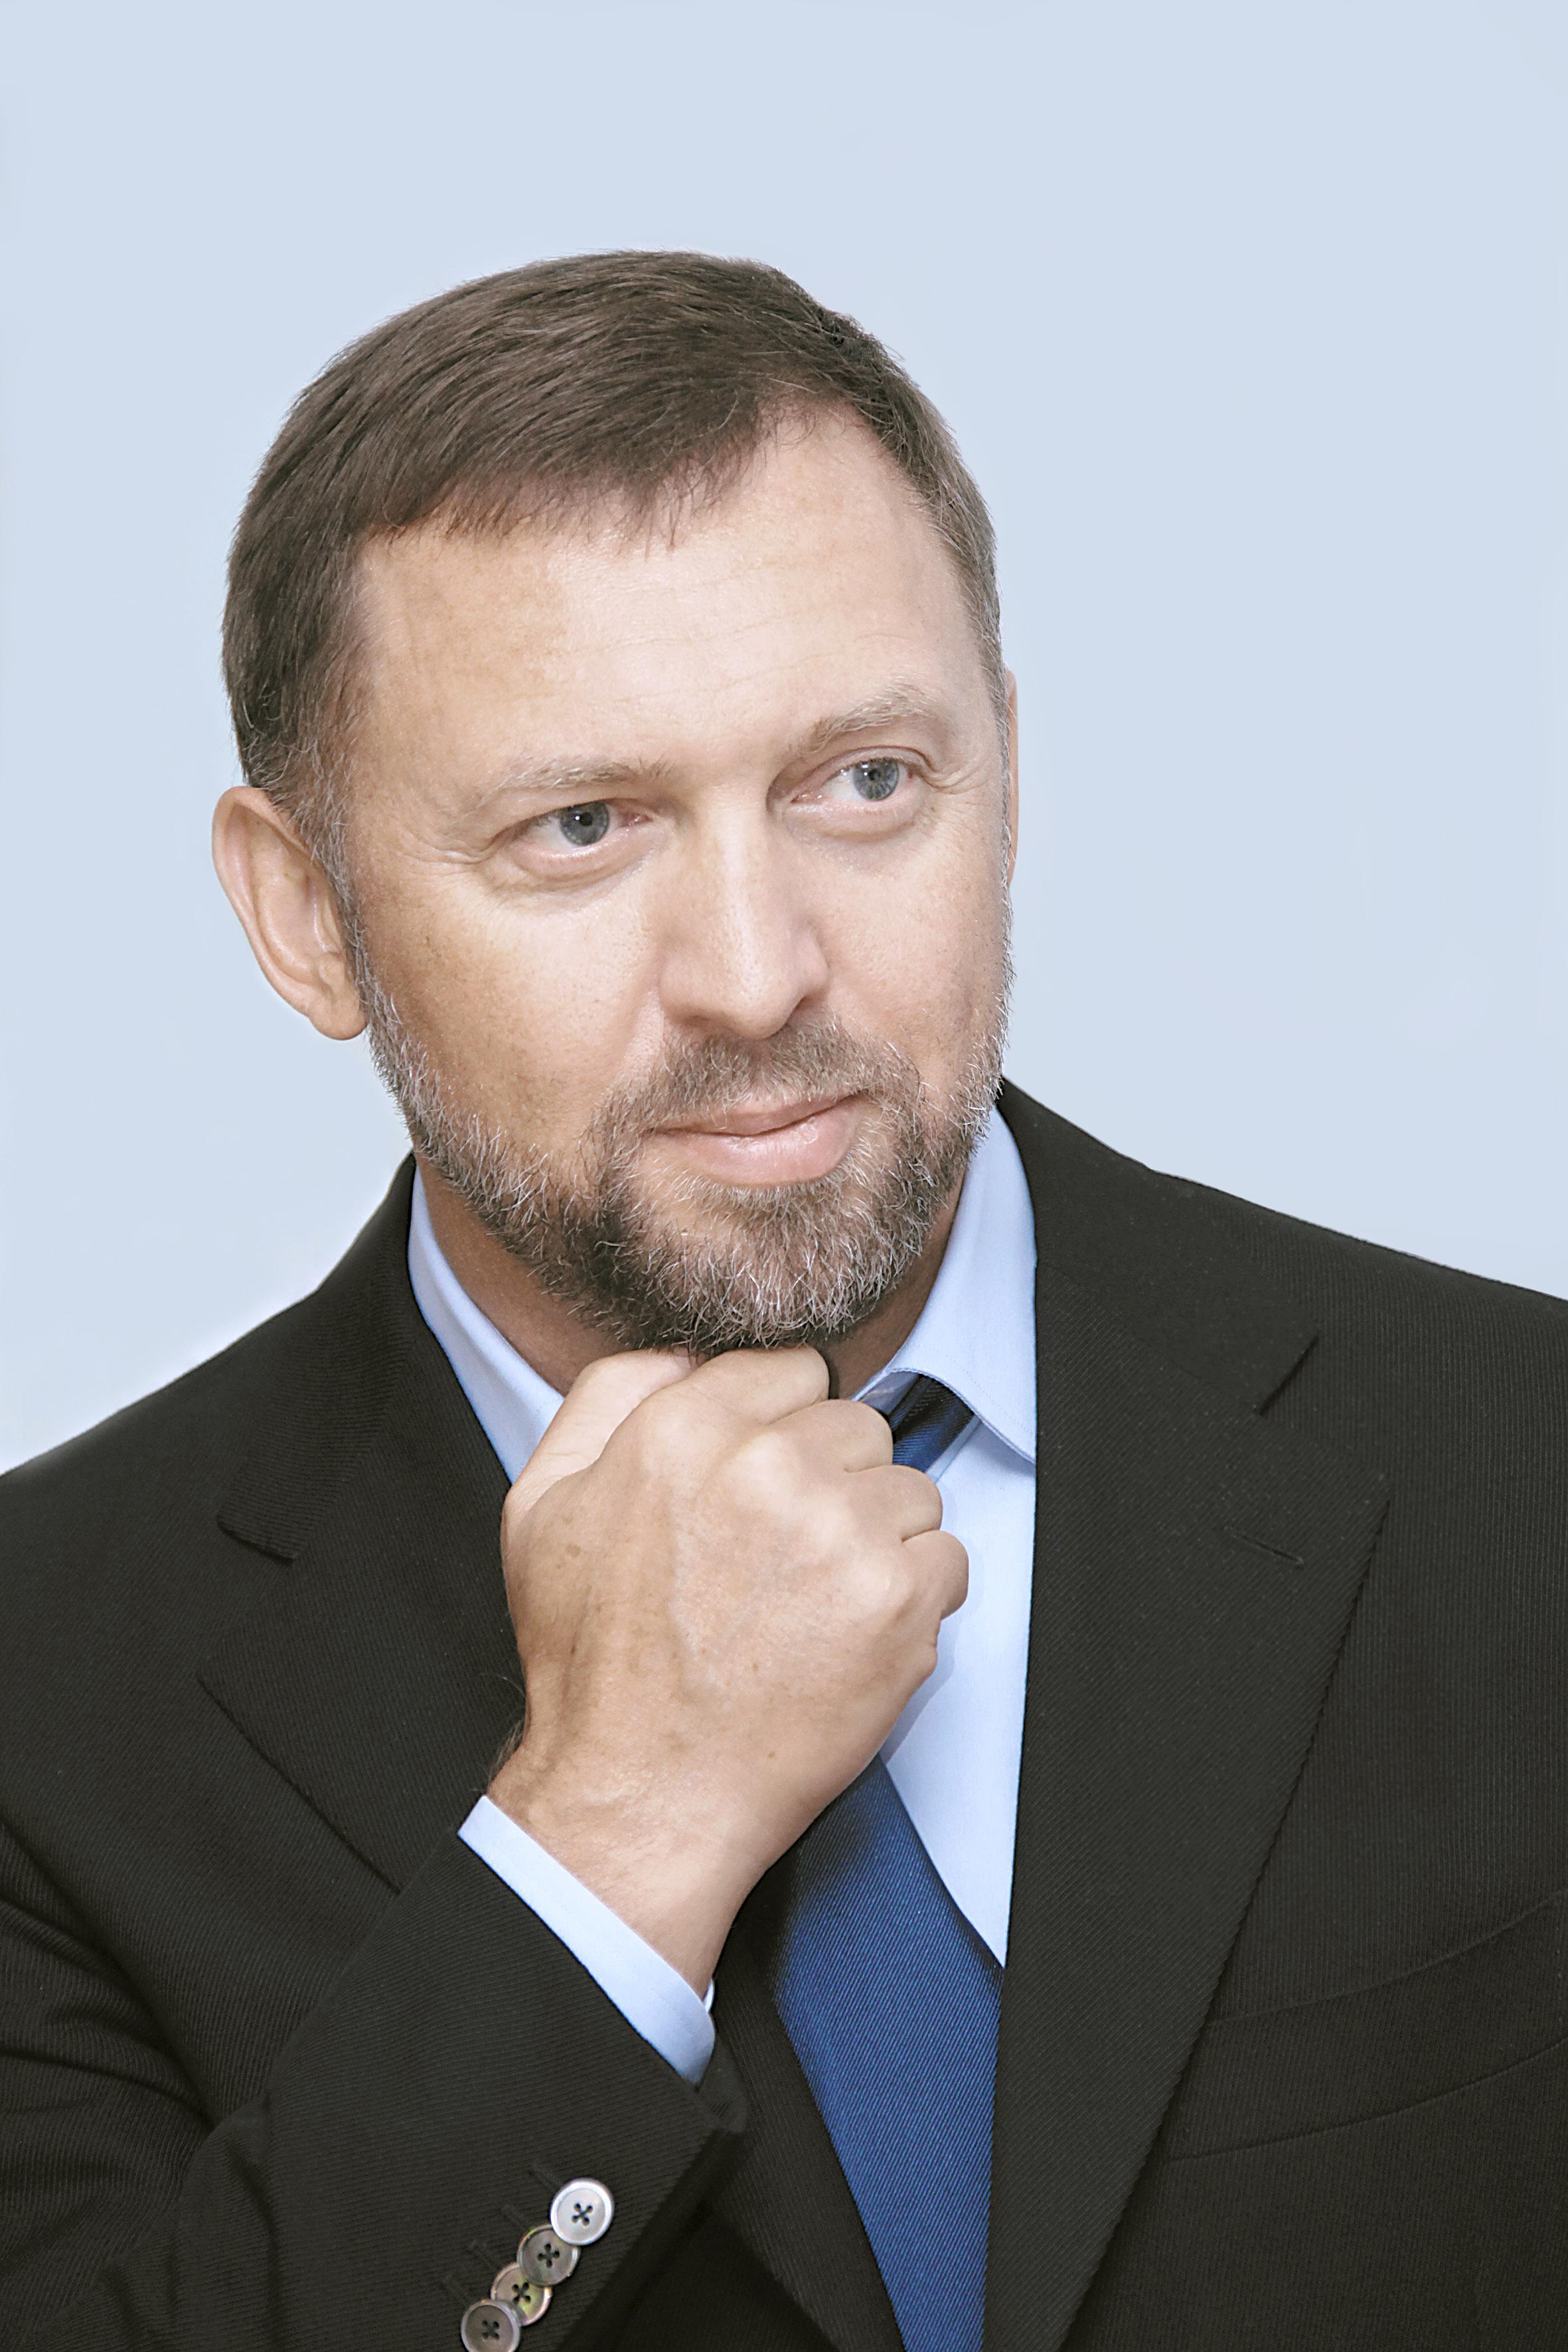 Oleg Deripaska's quote #2